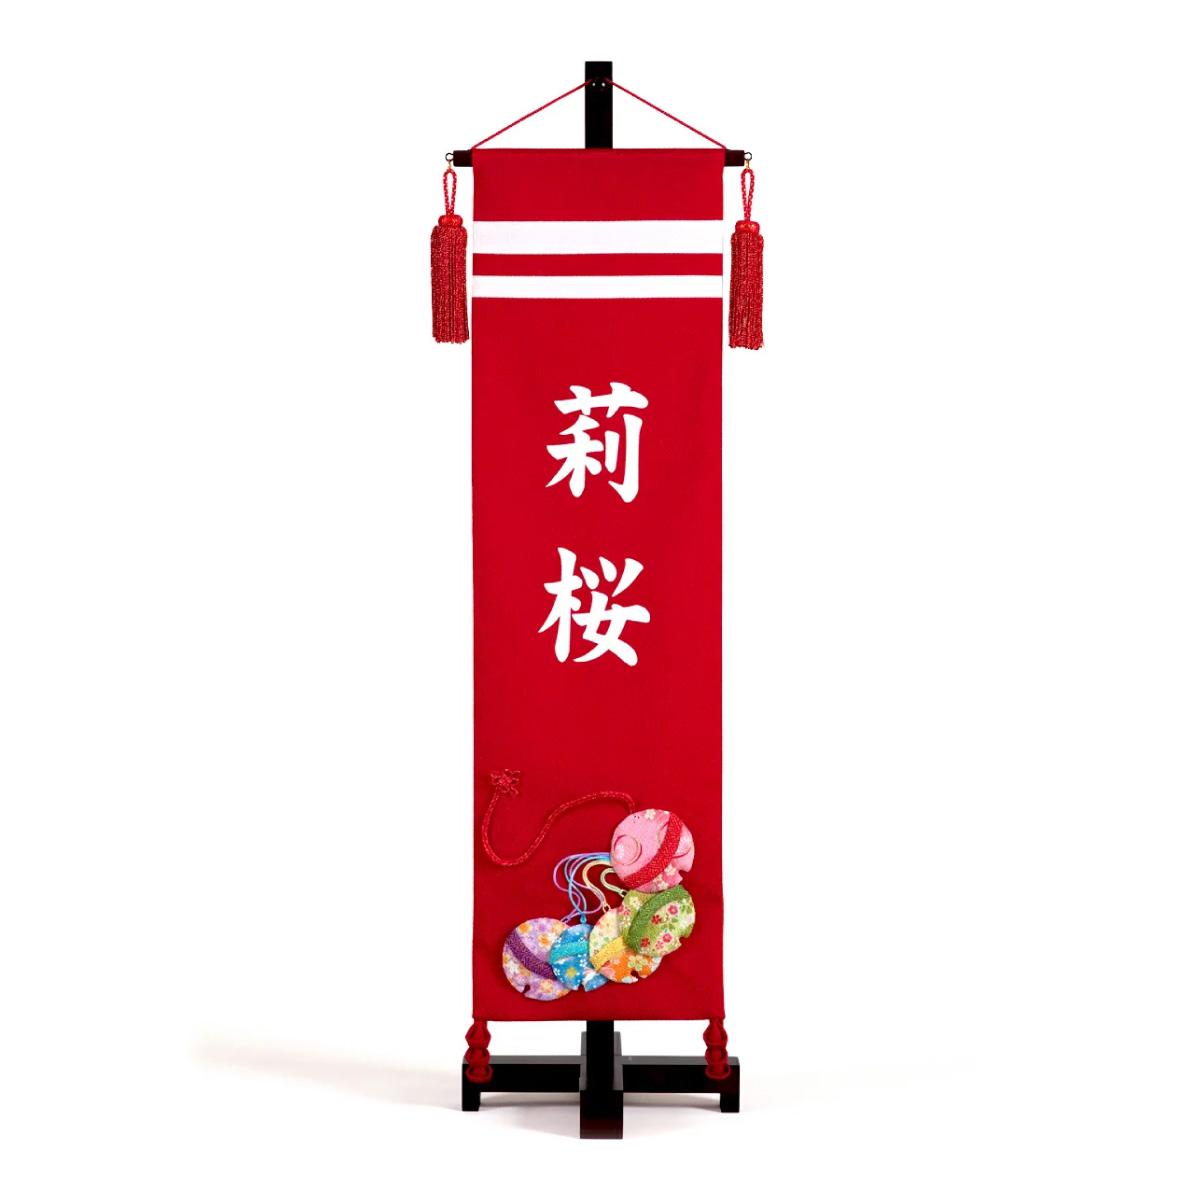 雛人形 名前旗 ちりめん【鈴・赤色・大】